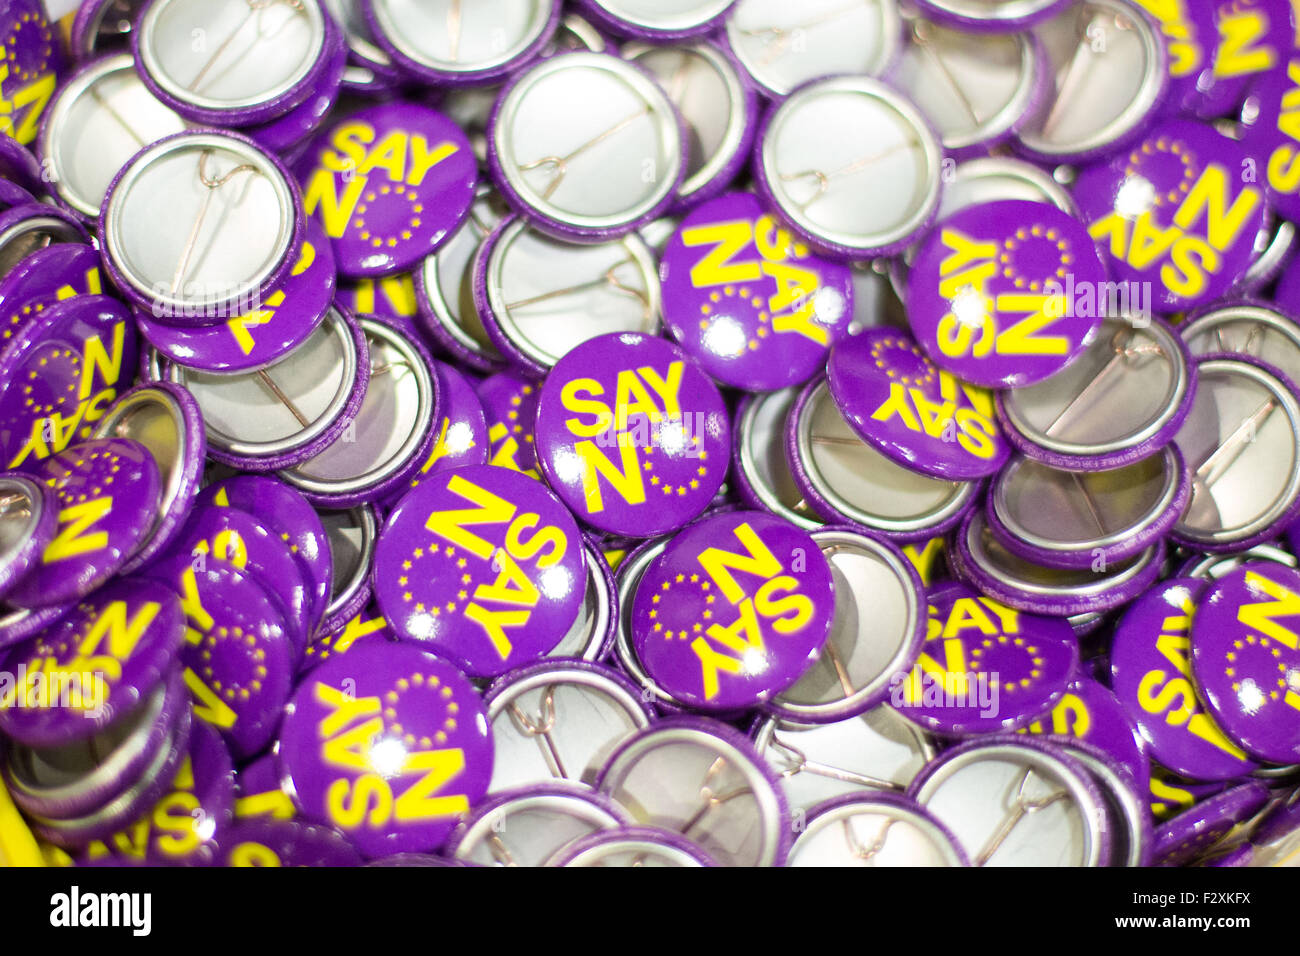 Doncaster, South Yorkshire, UK. 25. September 2015. Sagen keine Abzeichen an der ukip nationale Konferenz in Doncaster Stockbild